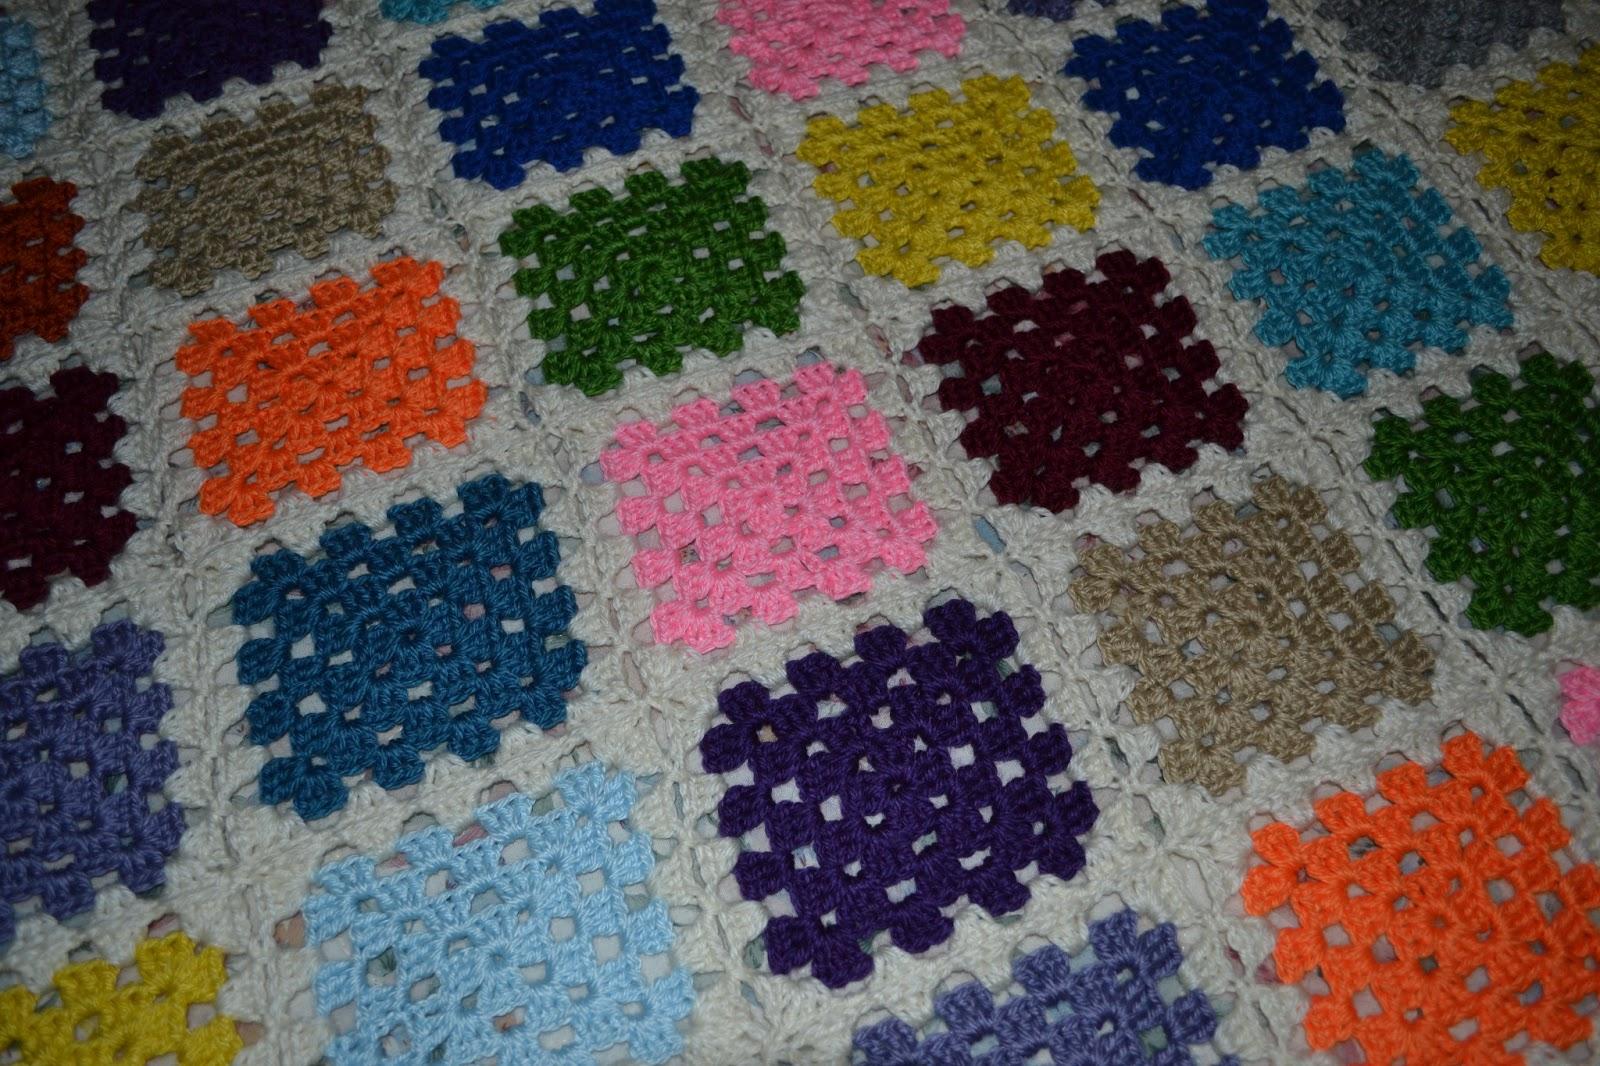 Tejidos crochet de Susana: Manta con grannys de diferentes colores.